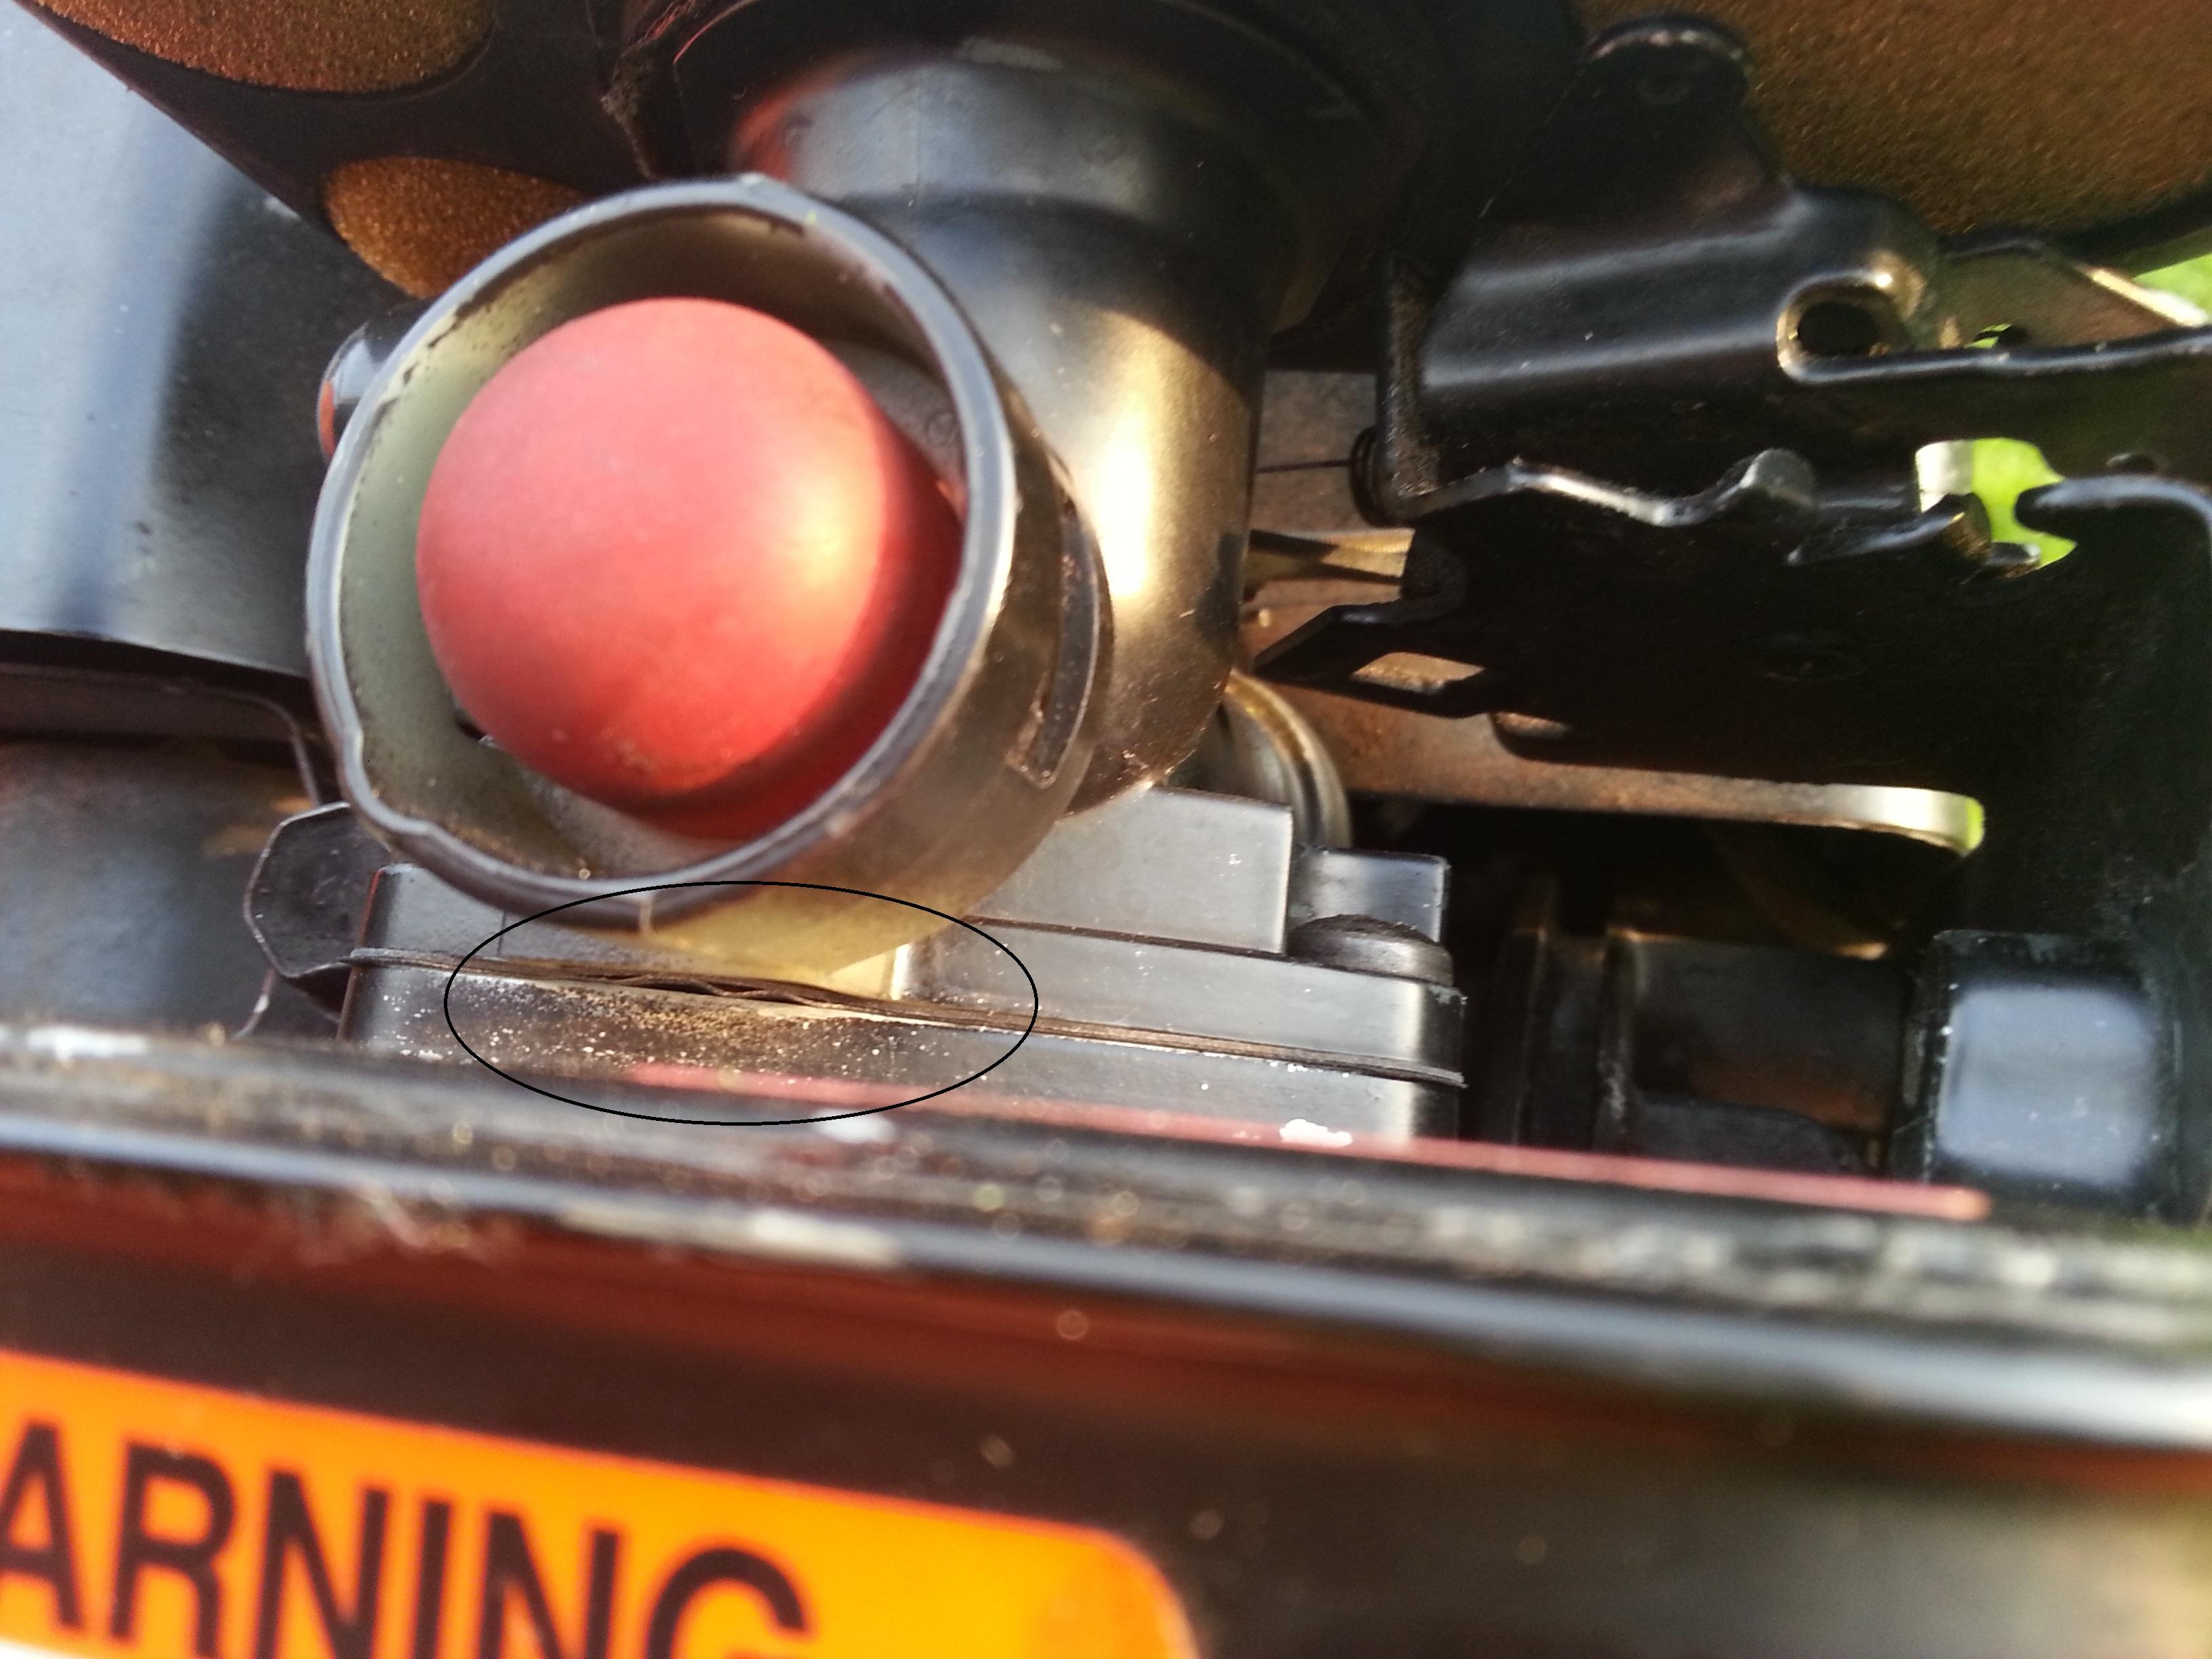 Briggs&Stratton 35 Classic - nier�wna praca silnika, faluj�ce obroty